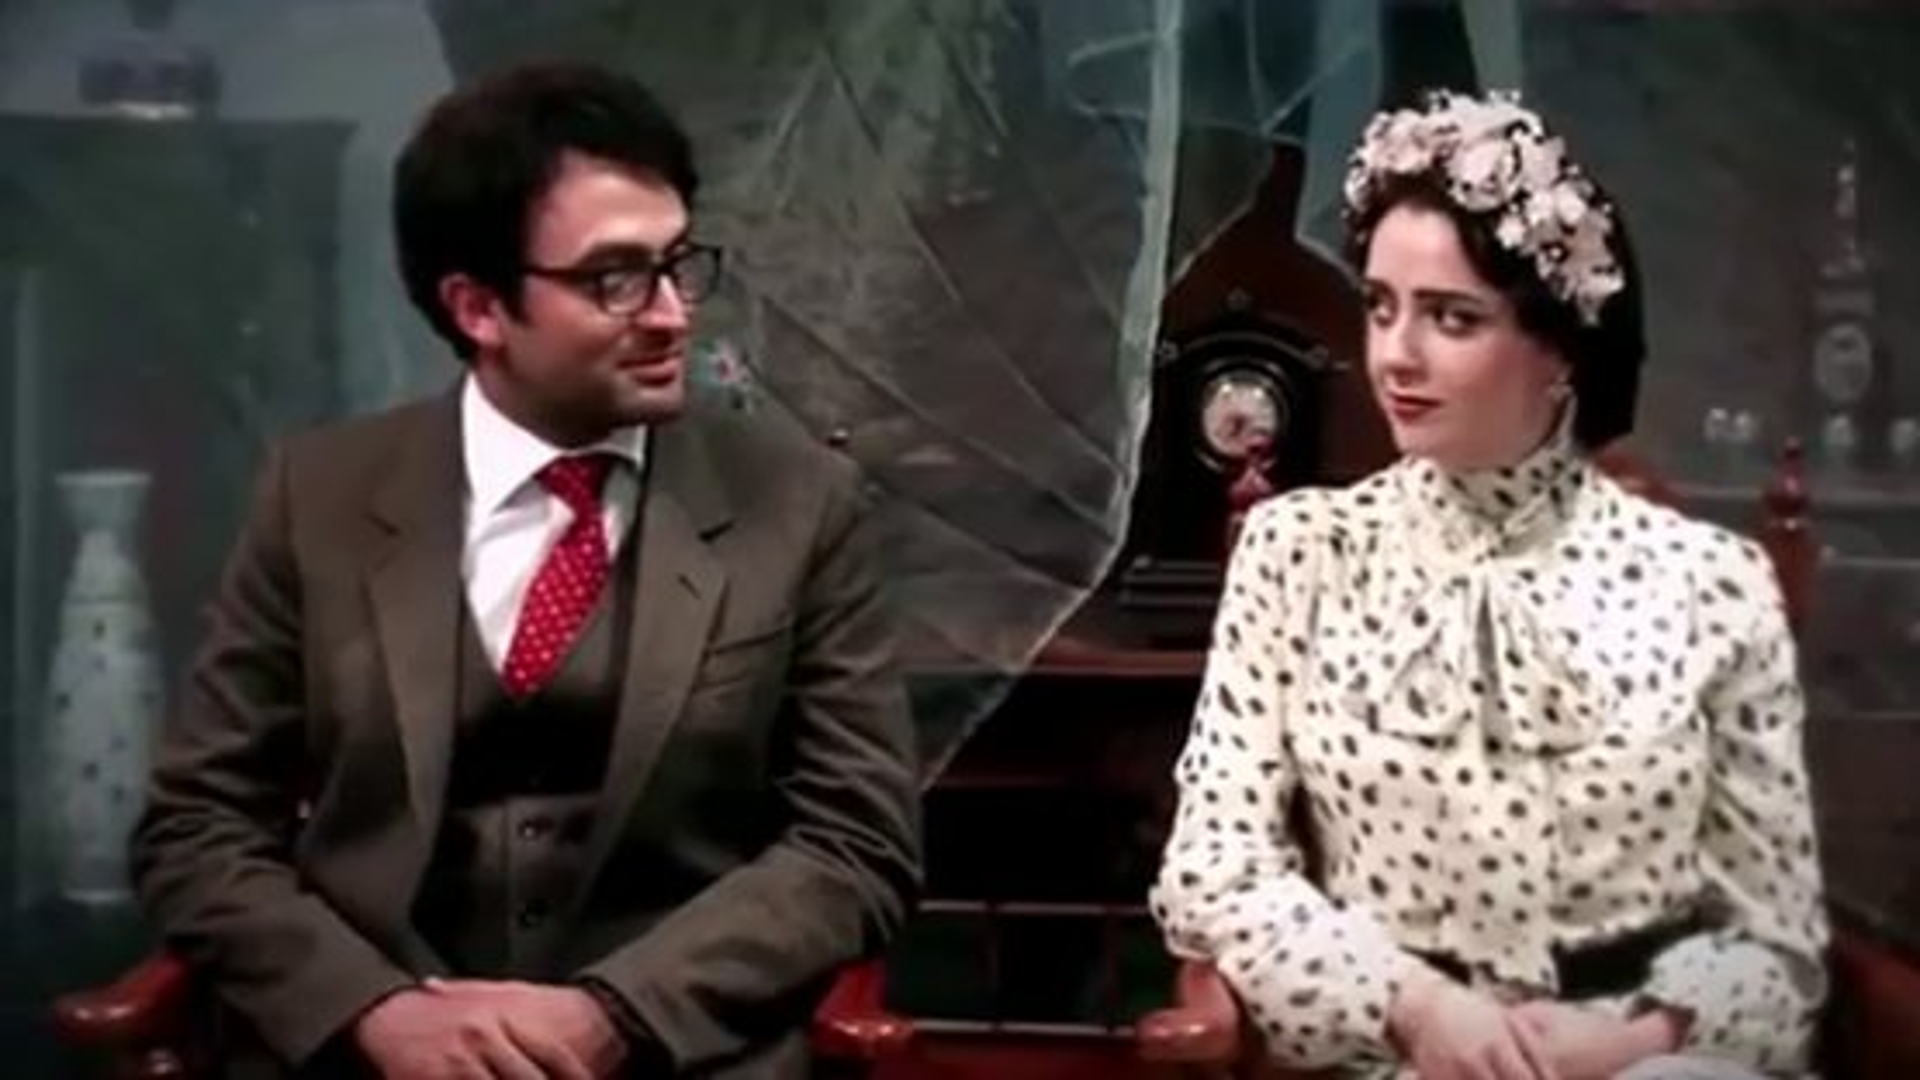 موزیک ویدیوی دیوونه با صدای محسن چاوشی | فیلم